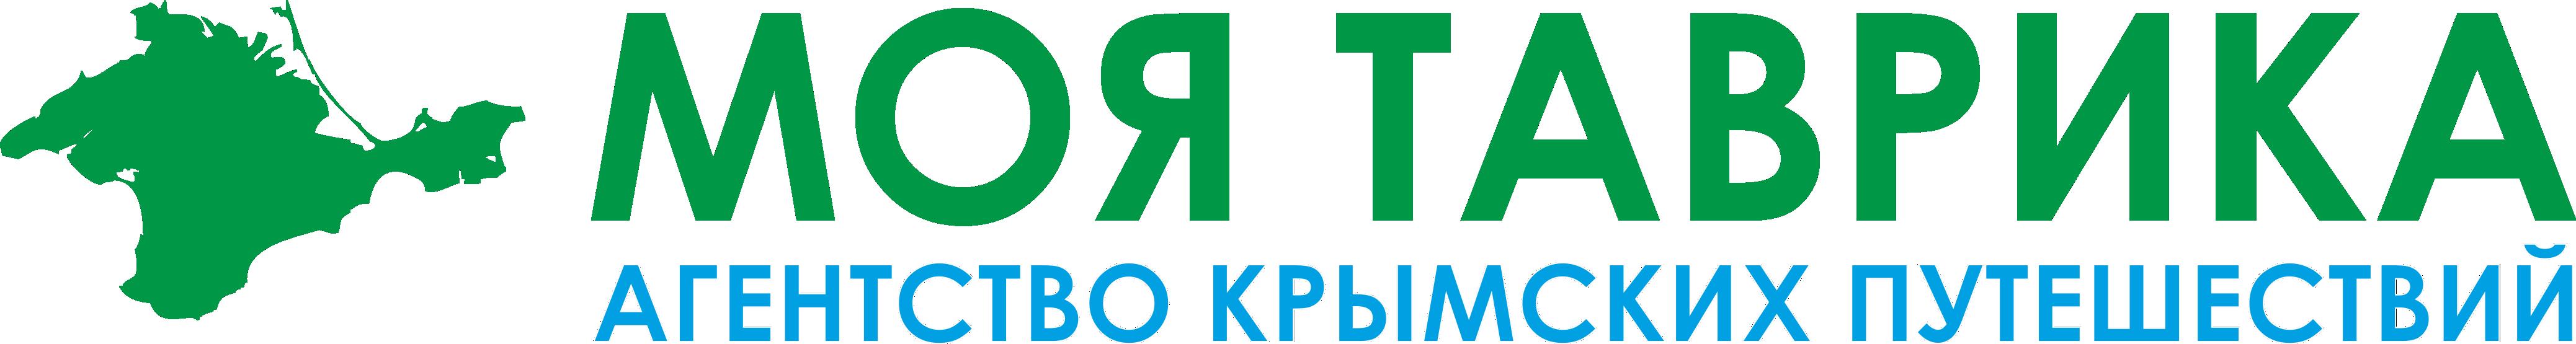 http://mytavrika.com/wp-content/uploads/2017/06/Лого-новое-МТ-горизонтальное.png